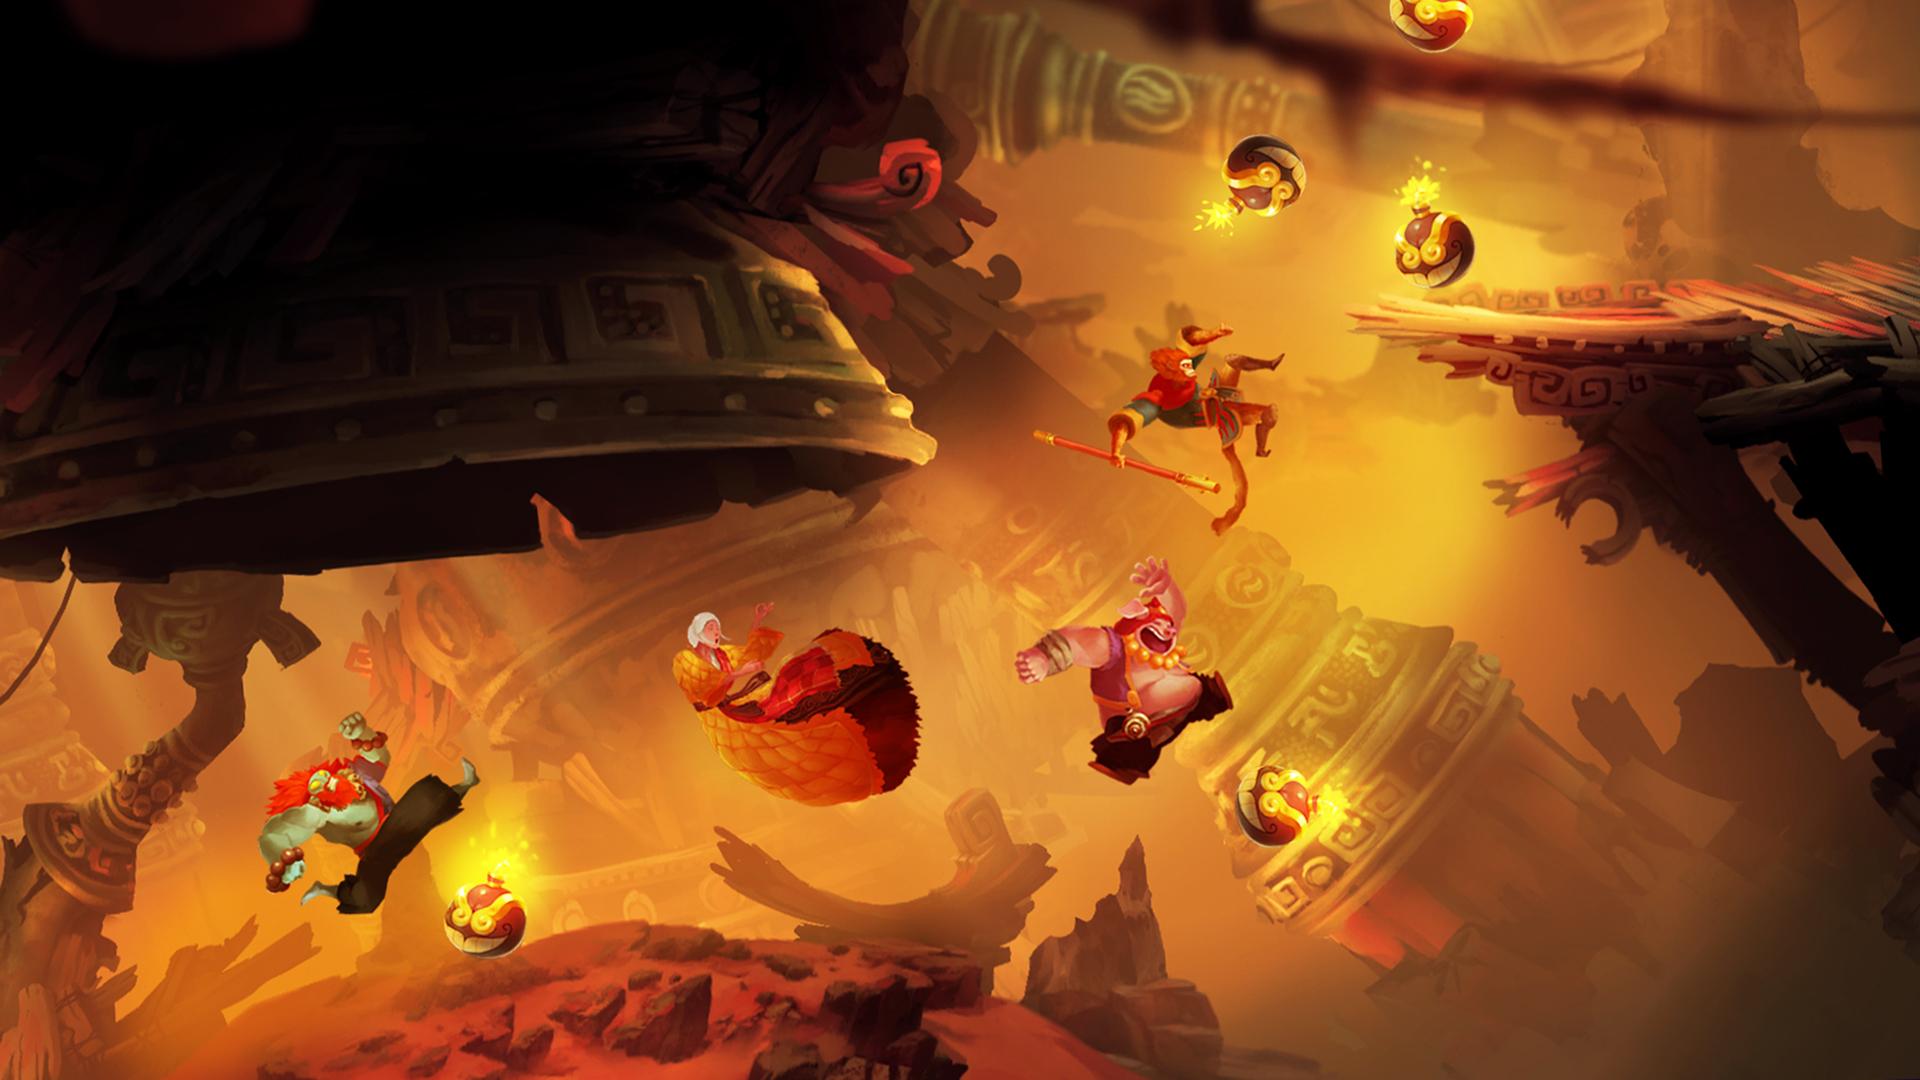 西游改编游戏《非常英雄》官网上线 体验美猴王传奇